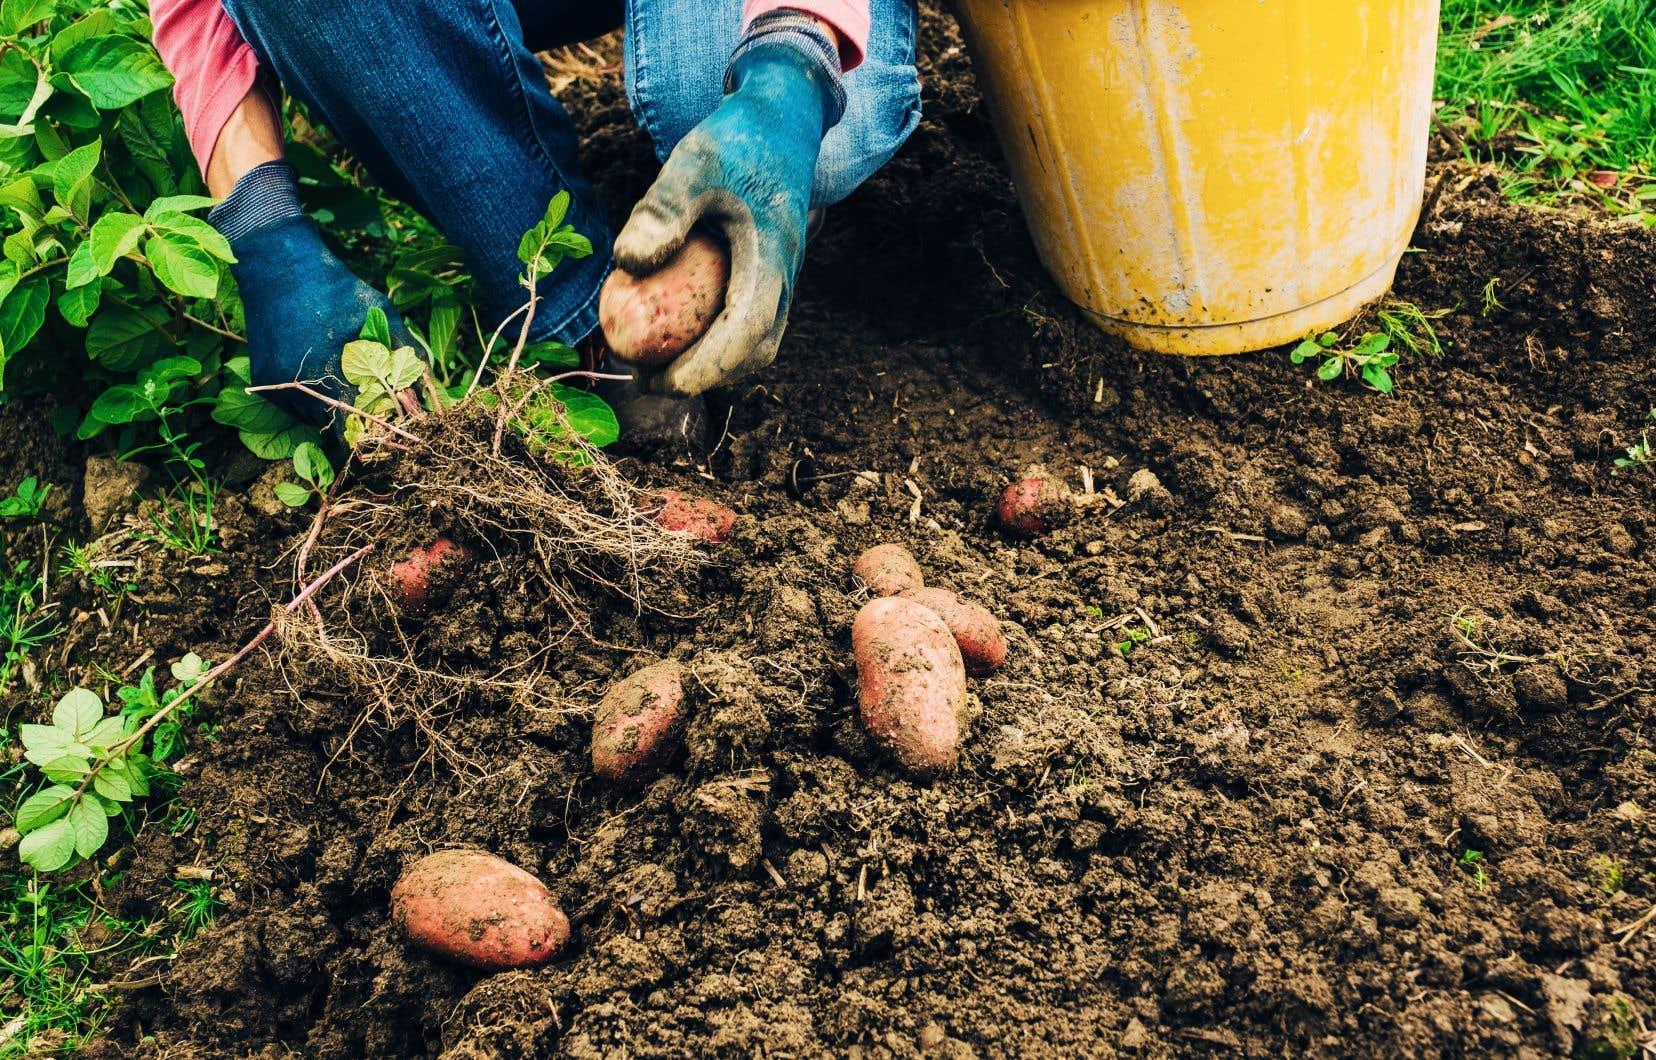 Si vous avez planté des pommes de terre au printemps, elles sont maintenant prêtes à être récoltées.